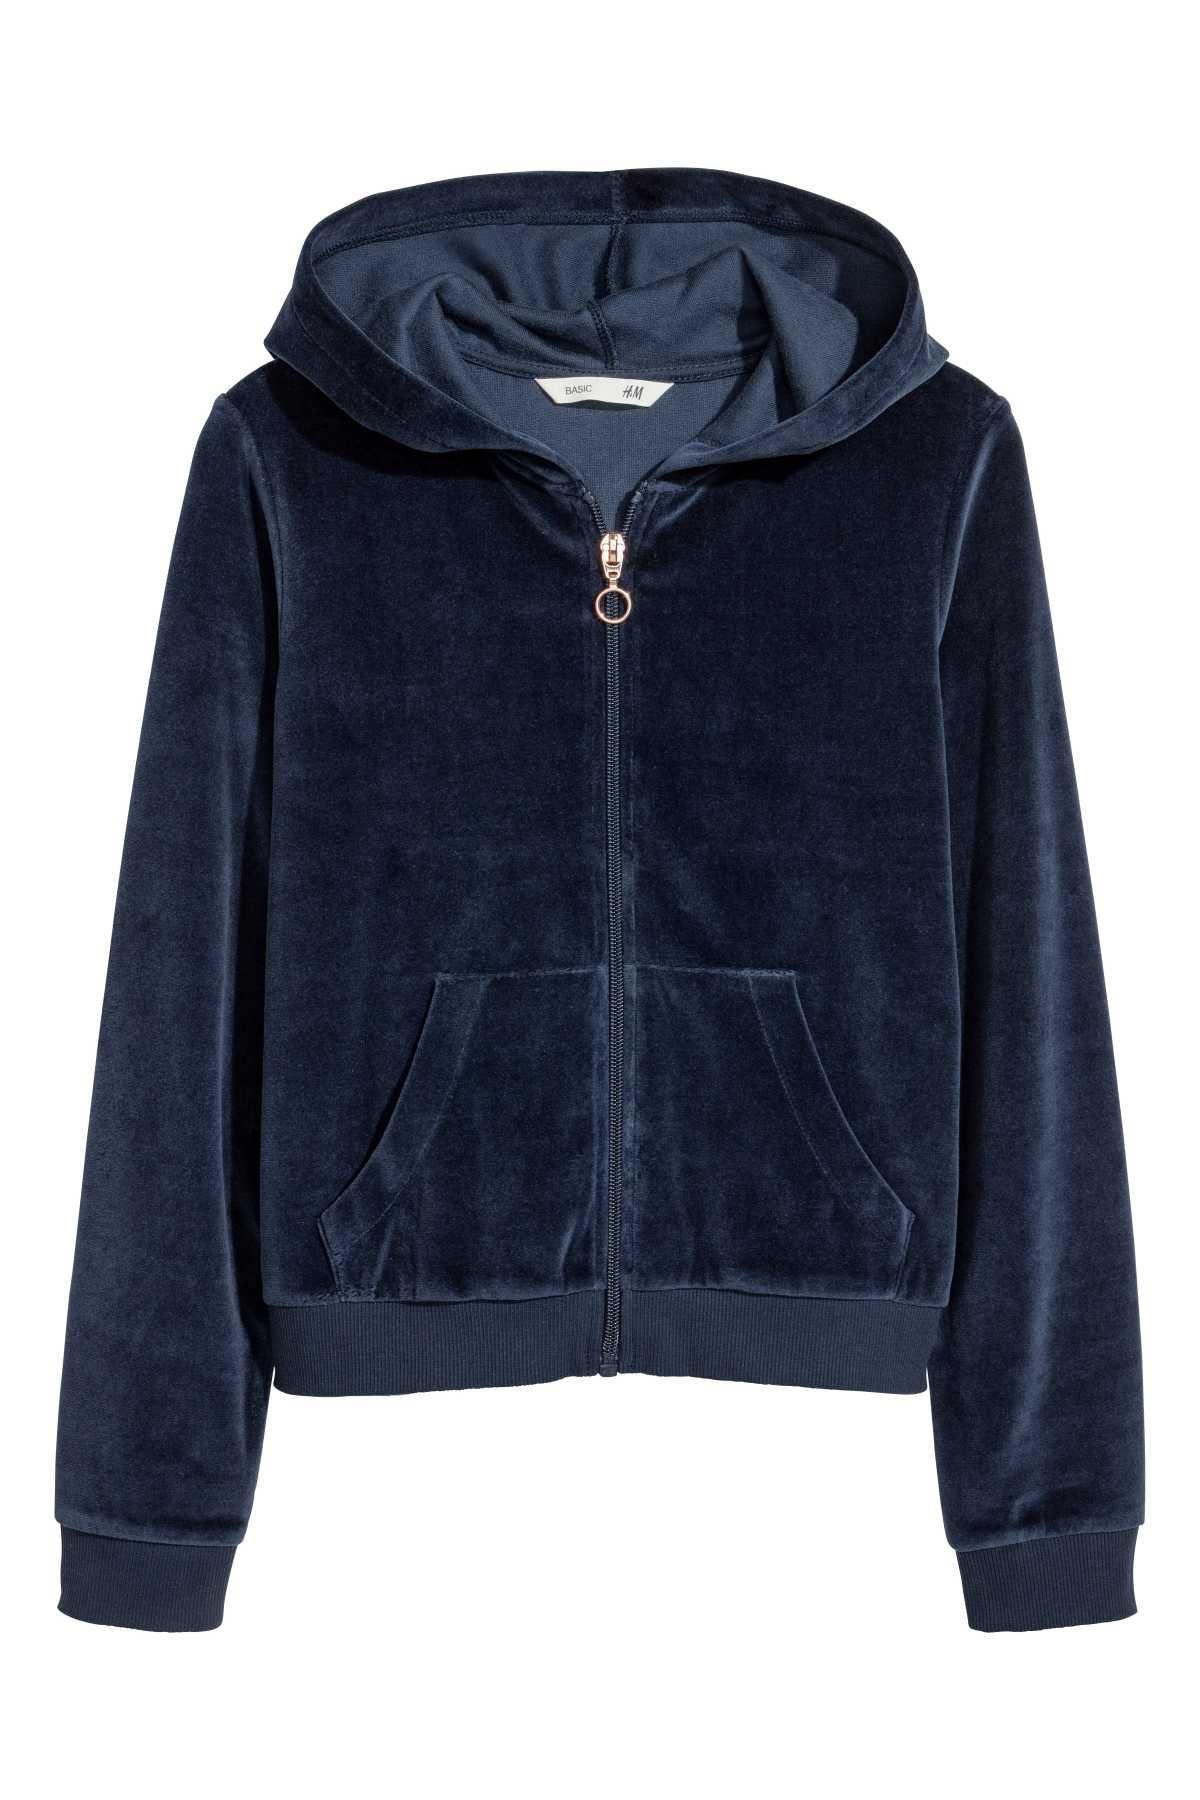 32d85a884835 Hooded Jacket